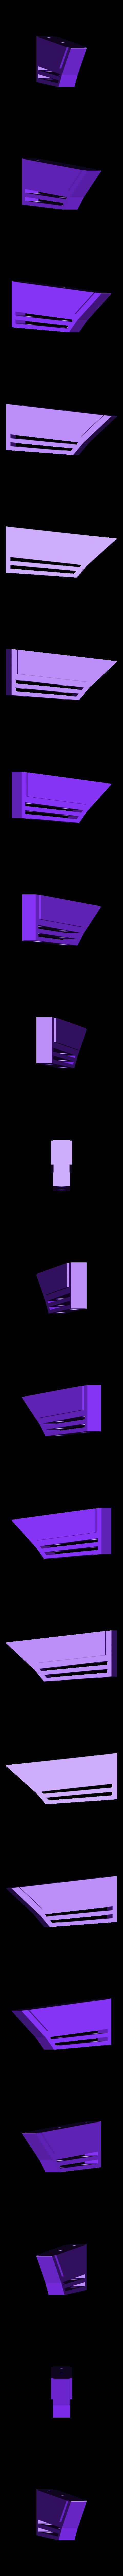 Strap_Top_Connector.stl Télécharger fichier STL gratuit Thunder Helm - Zelda Breath of The Wild • Plan pour imprimante 3D, Adafruit